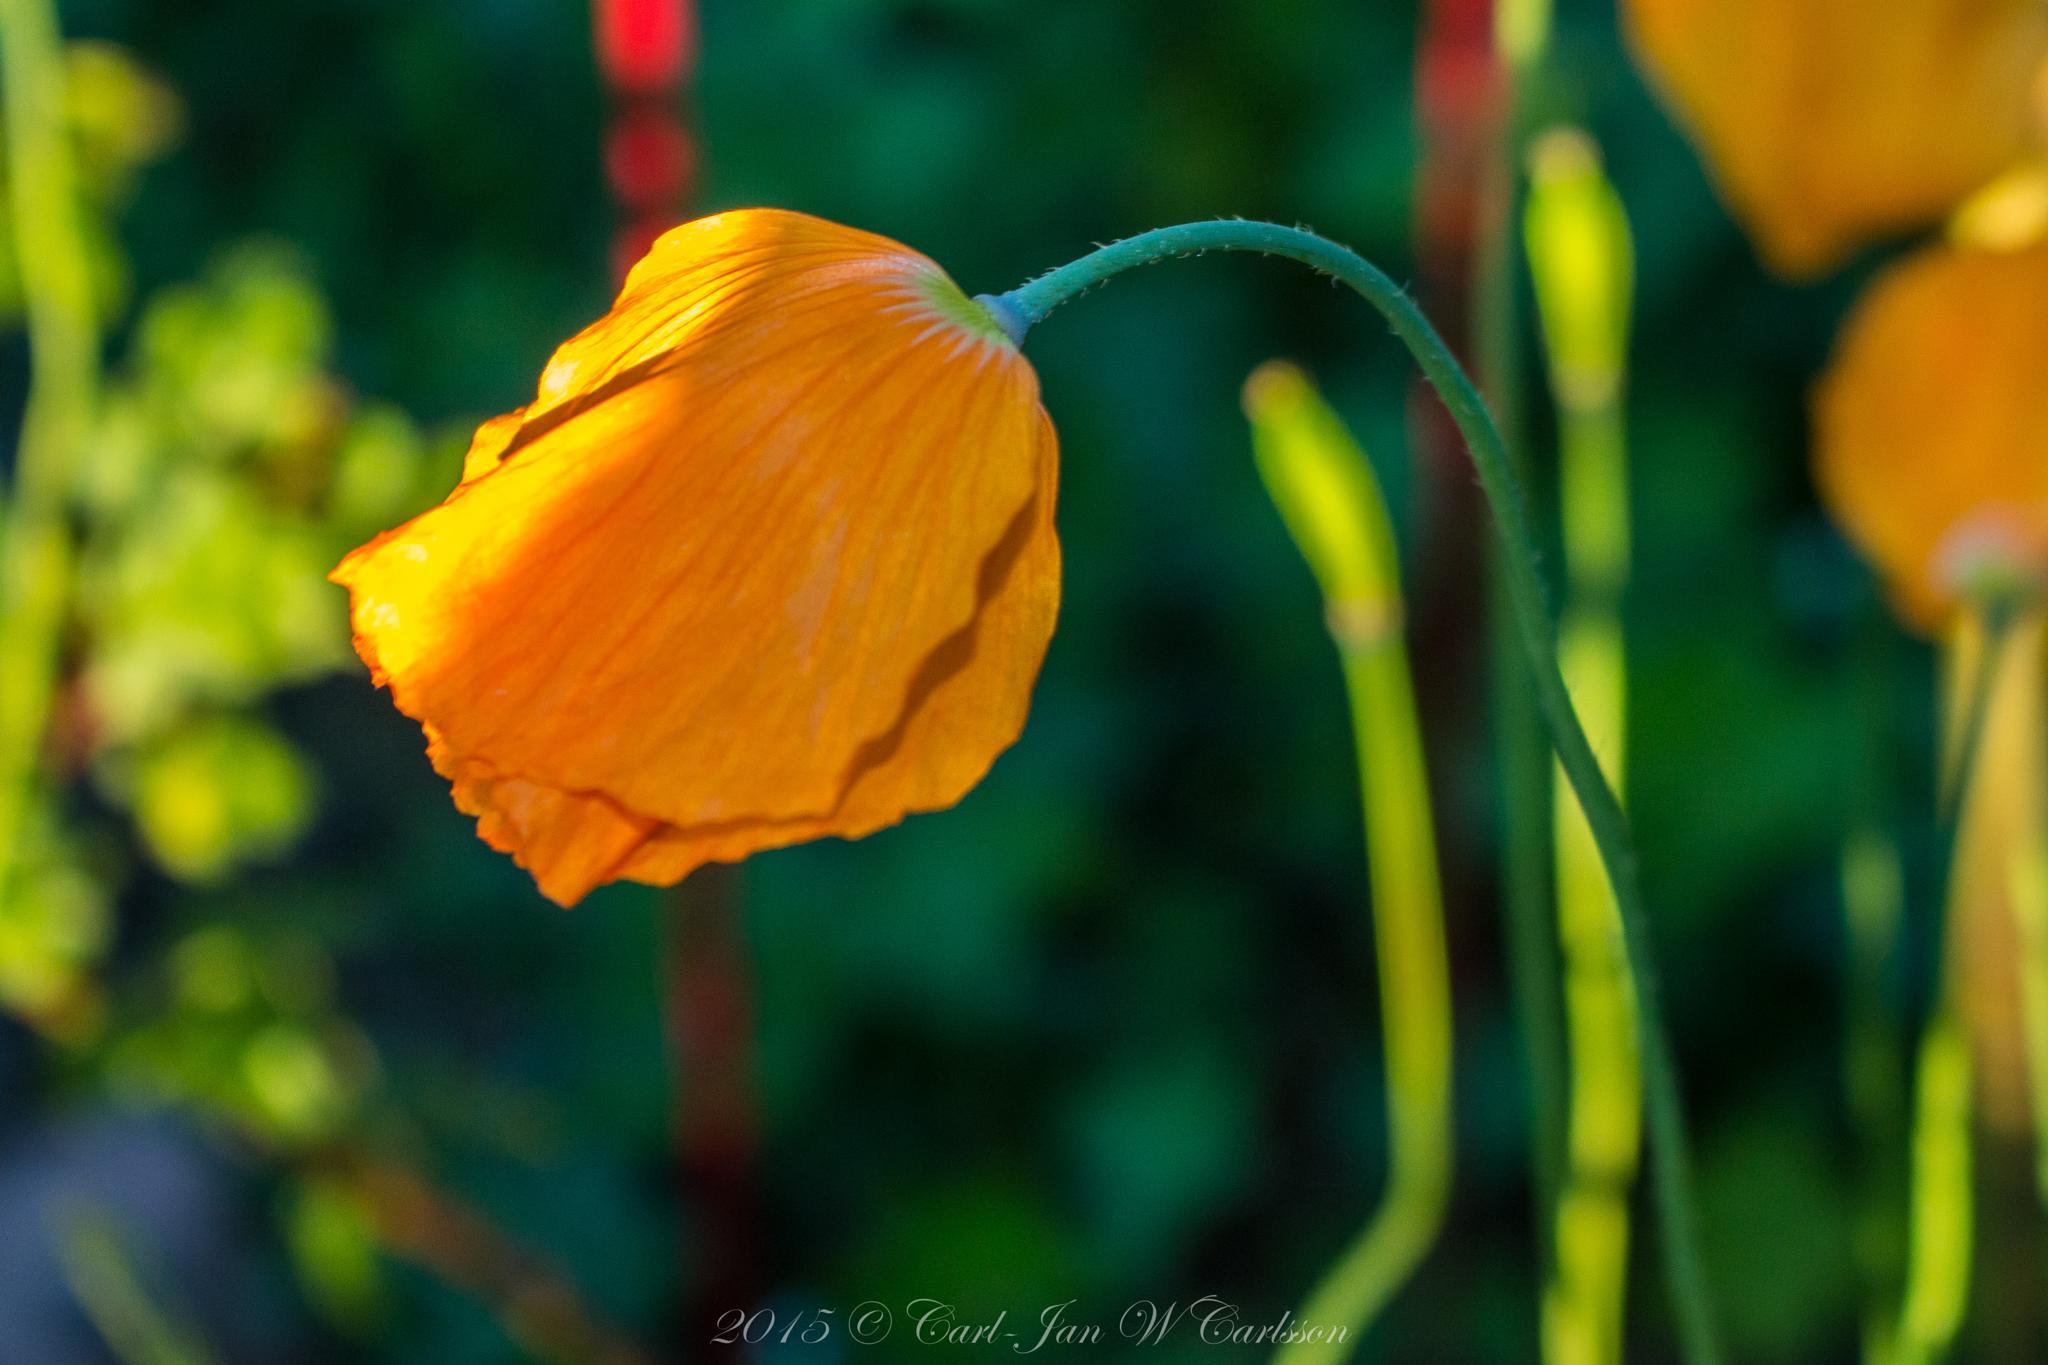 Orange Poppy 2 by carljan w carlsson